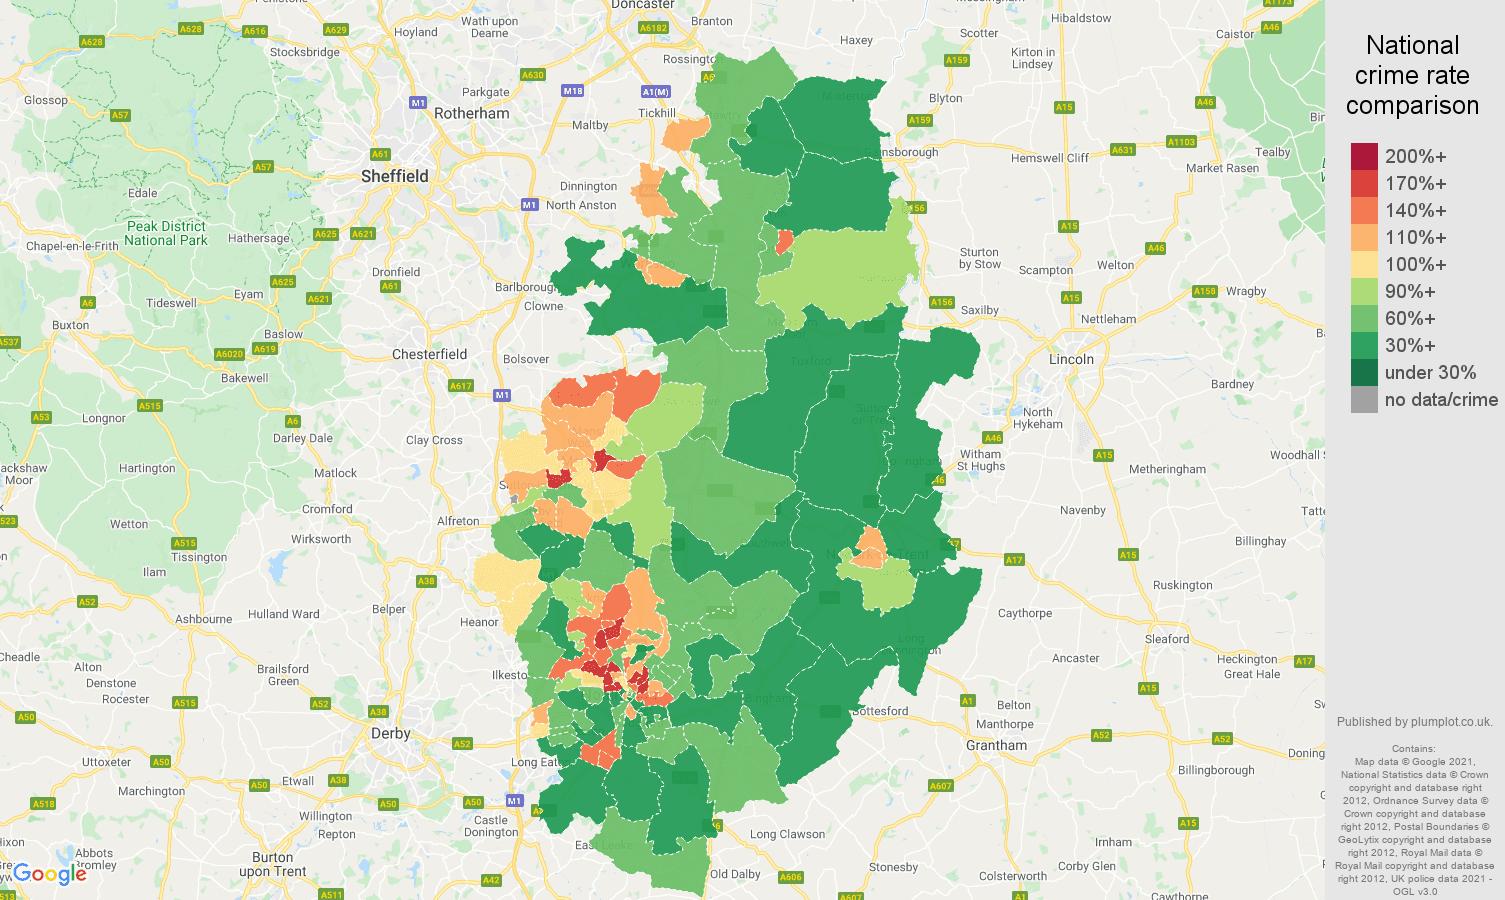 Nottinghamshire violent crime rate comparison map